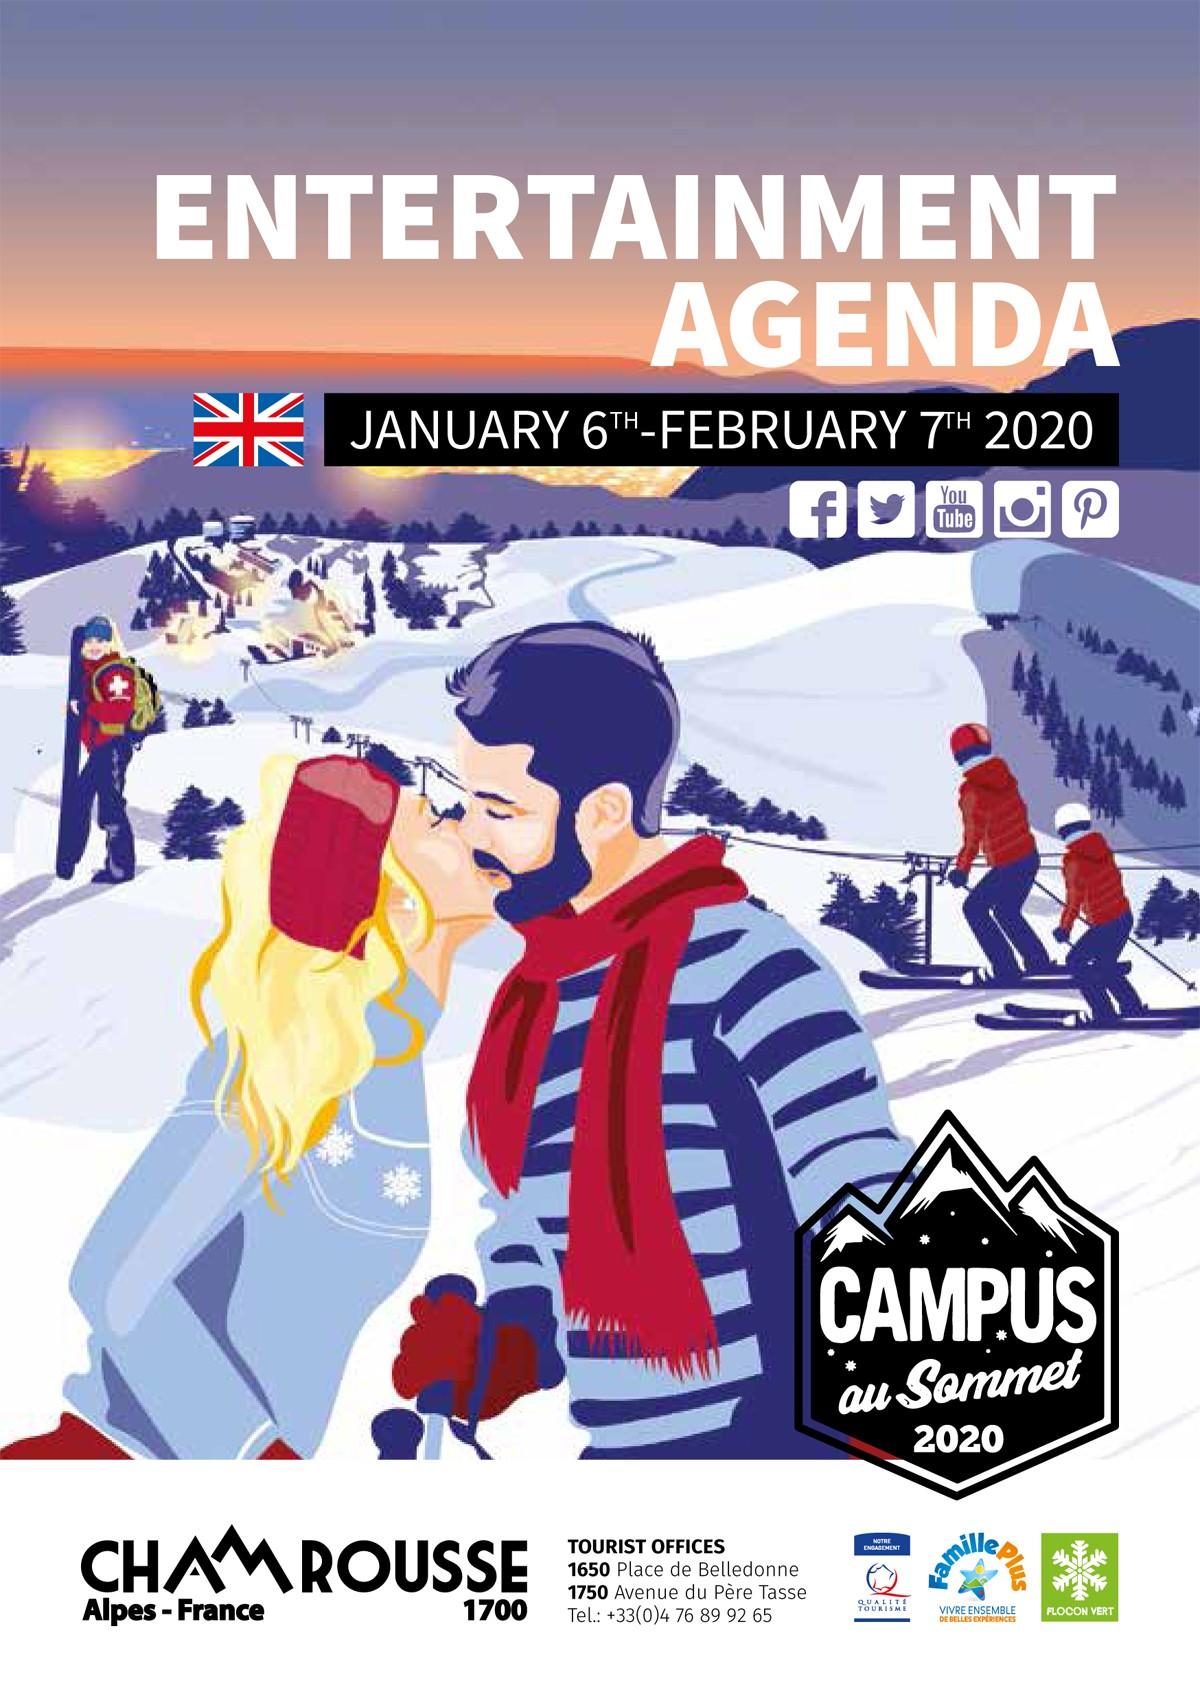 Chamrousse entertainment program January 2020 ski resort isere french alps france